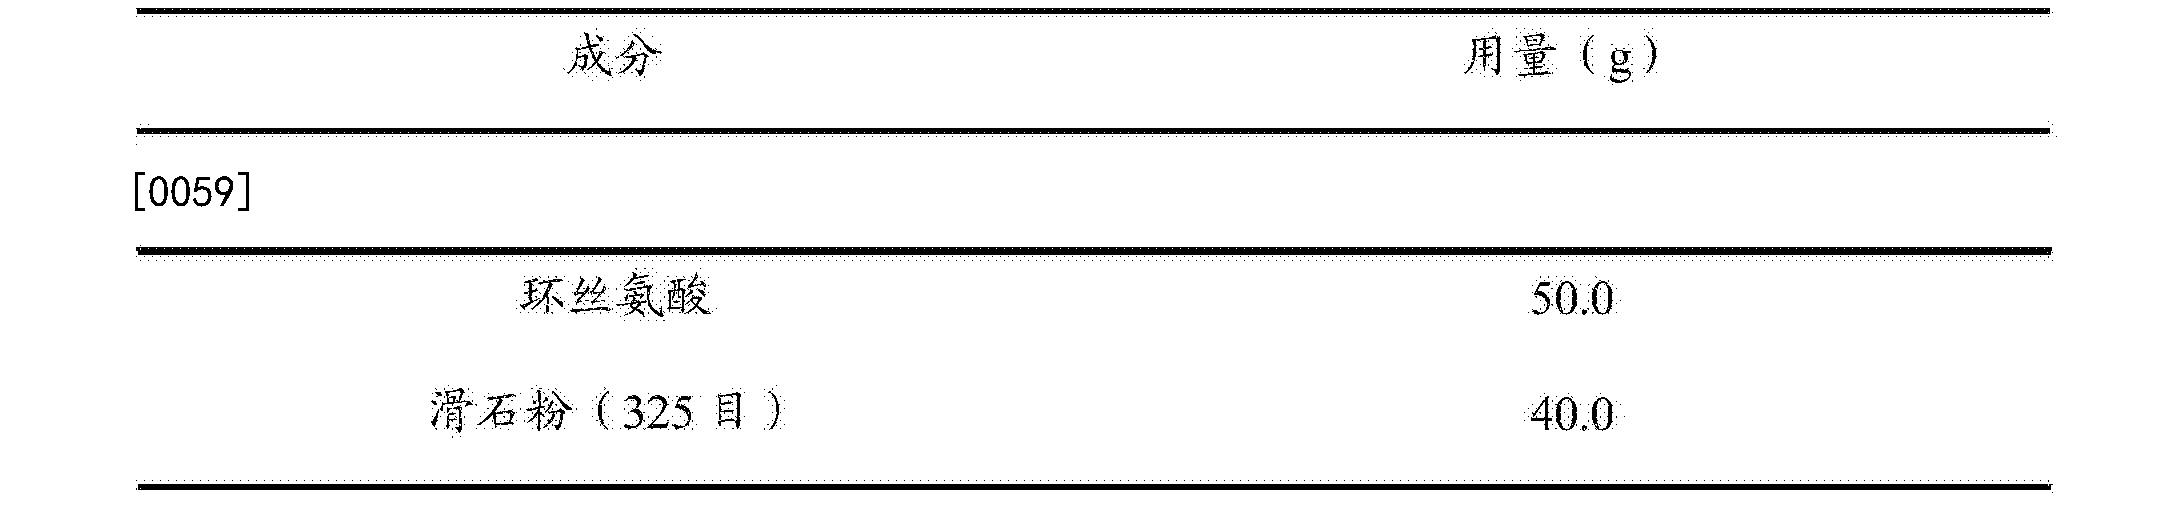 Figure CN105476976BD00062